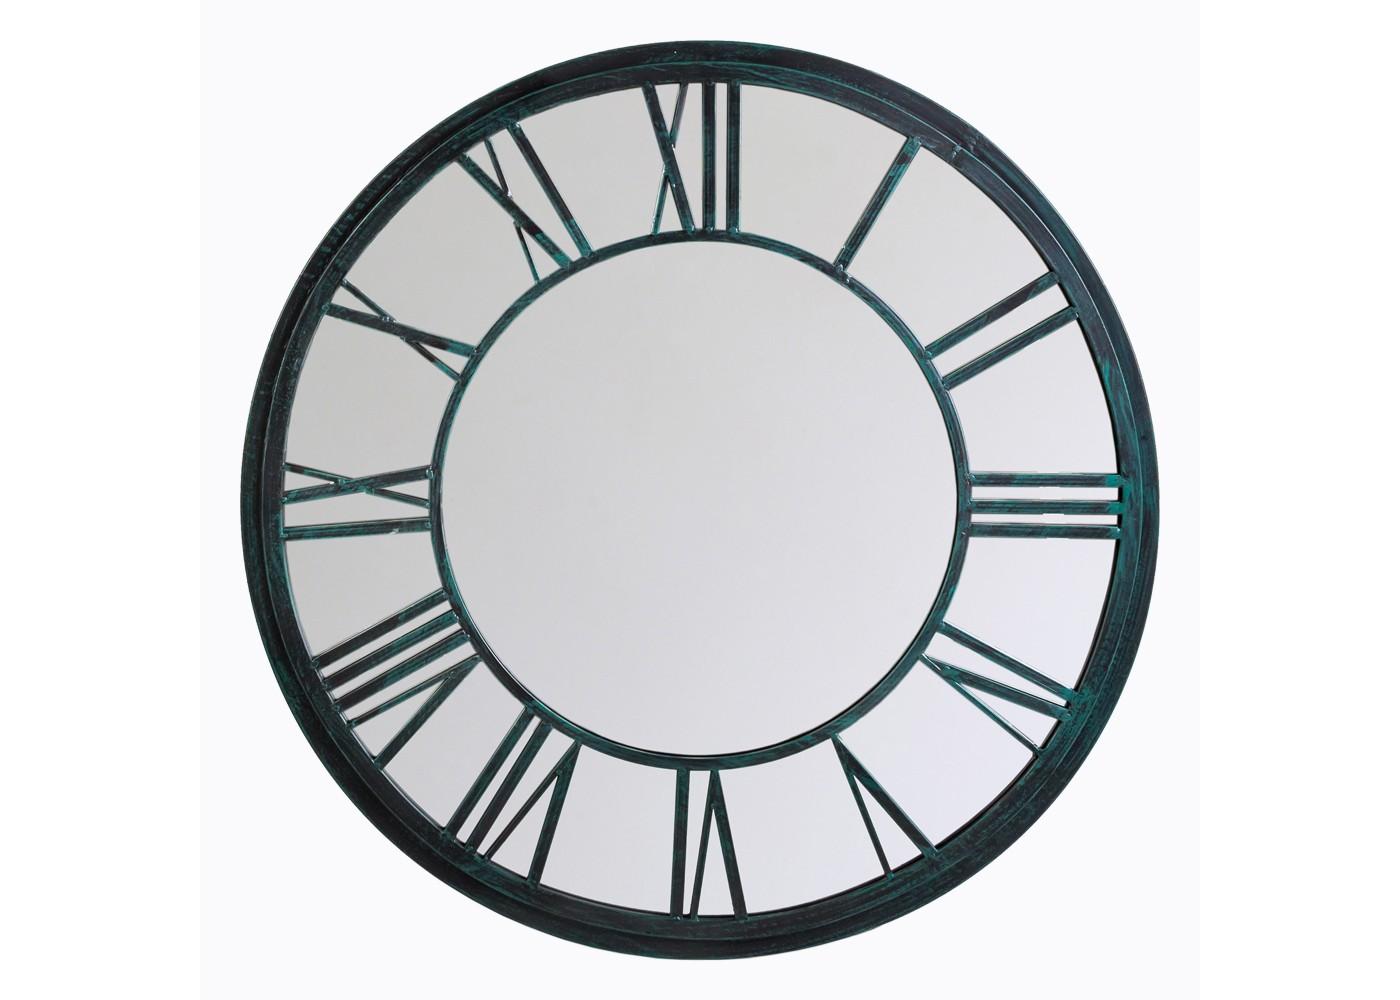 Настенное зеркало «Орсе» (черный антик)Настенные зеркала<br>&amp;quot;Орсе&amp;quot; ? винтажное дежа-вю сентиментального путешественника, неравнодушного к чудесам света. Это зеркало, прототипом которого выступили часы знаменитого парижского музея, хранит в себе очарование их уникальной архитектуры. Вглядываясь в его бесконечно элегантные округлые пропорции, украшенные традиционным черным циферблатом, вы сможете отправиться в очередной вояж. На этот раз он будет проходить по просторам вашей фантазии.&amp;lt;div&amp;gt;&amp;lt;br&amp;gt;&amp;lt;/div&amp;gt;&amp;lt;div&amp;gt;Размер: ? 92 см, ширина 2 см.&amp;lt;/div&amp;gt;<br><br>Material: Металл<br>Depth см: 2<br>Diameter см: 92